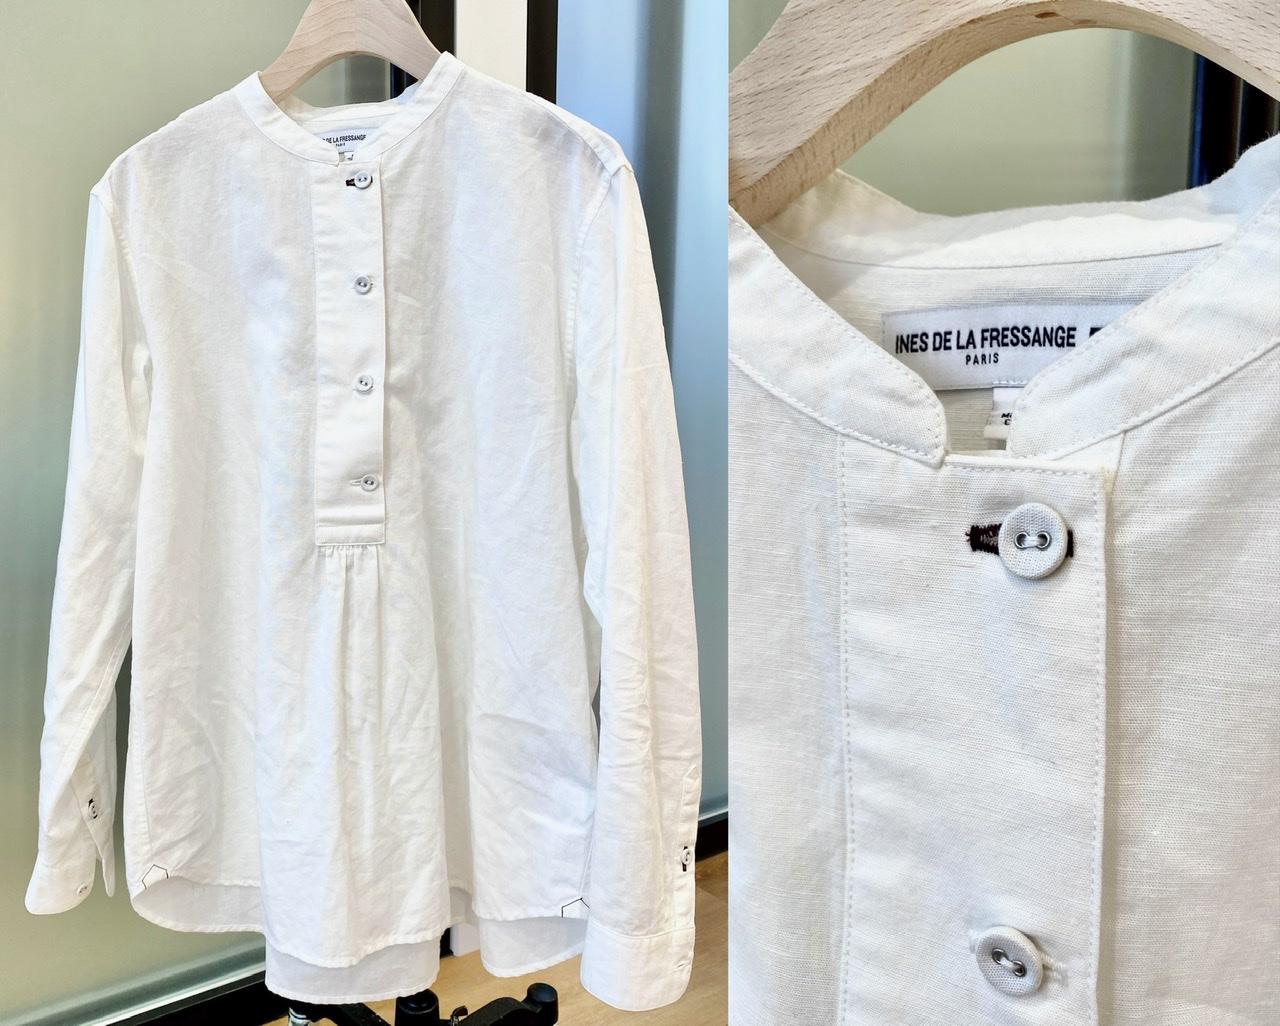 ユニクロ×イネス・ド・ラ・フレサンジュのコットンリネンスタンドカラーシャツ